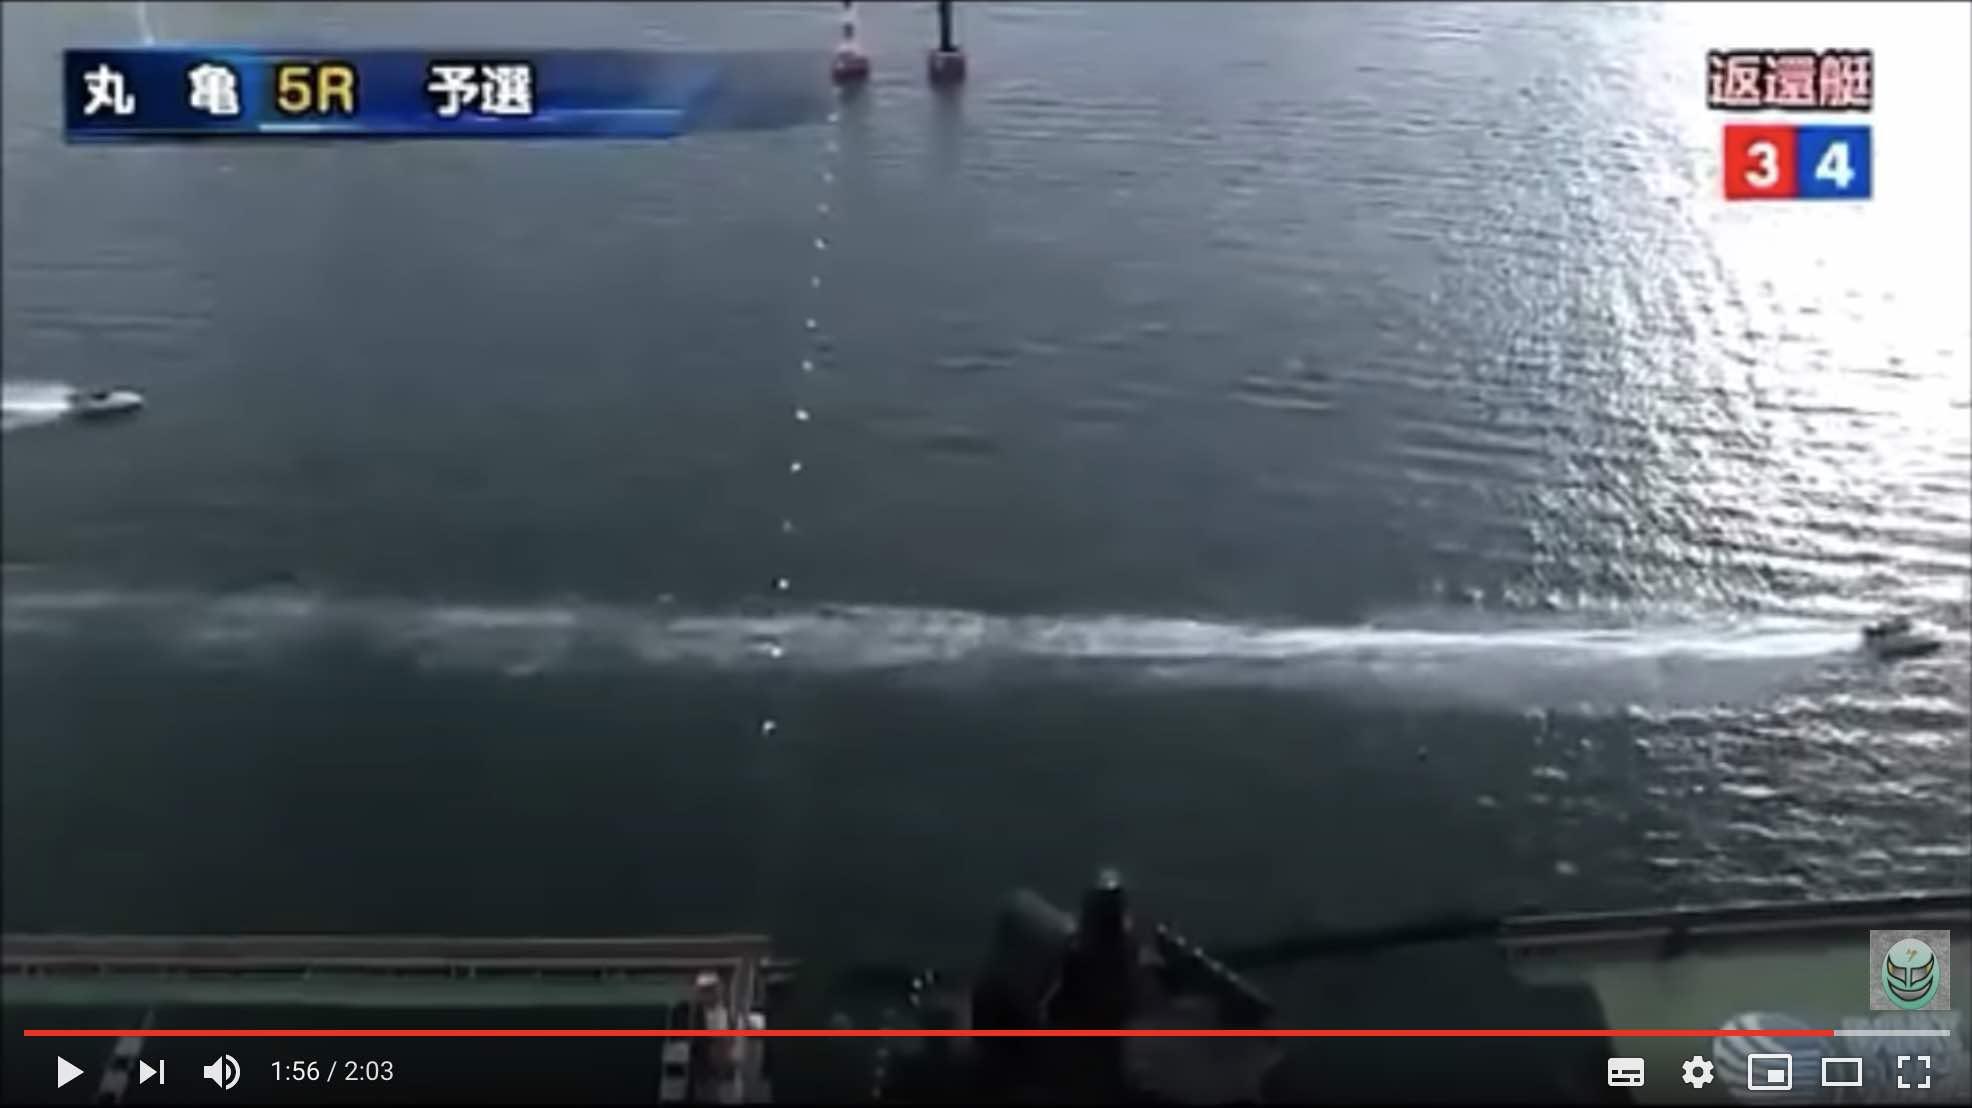 丸亀5Rで4艇中2艇Fで2艇だけのレース